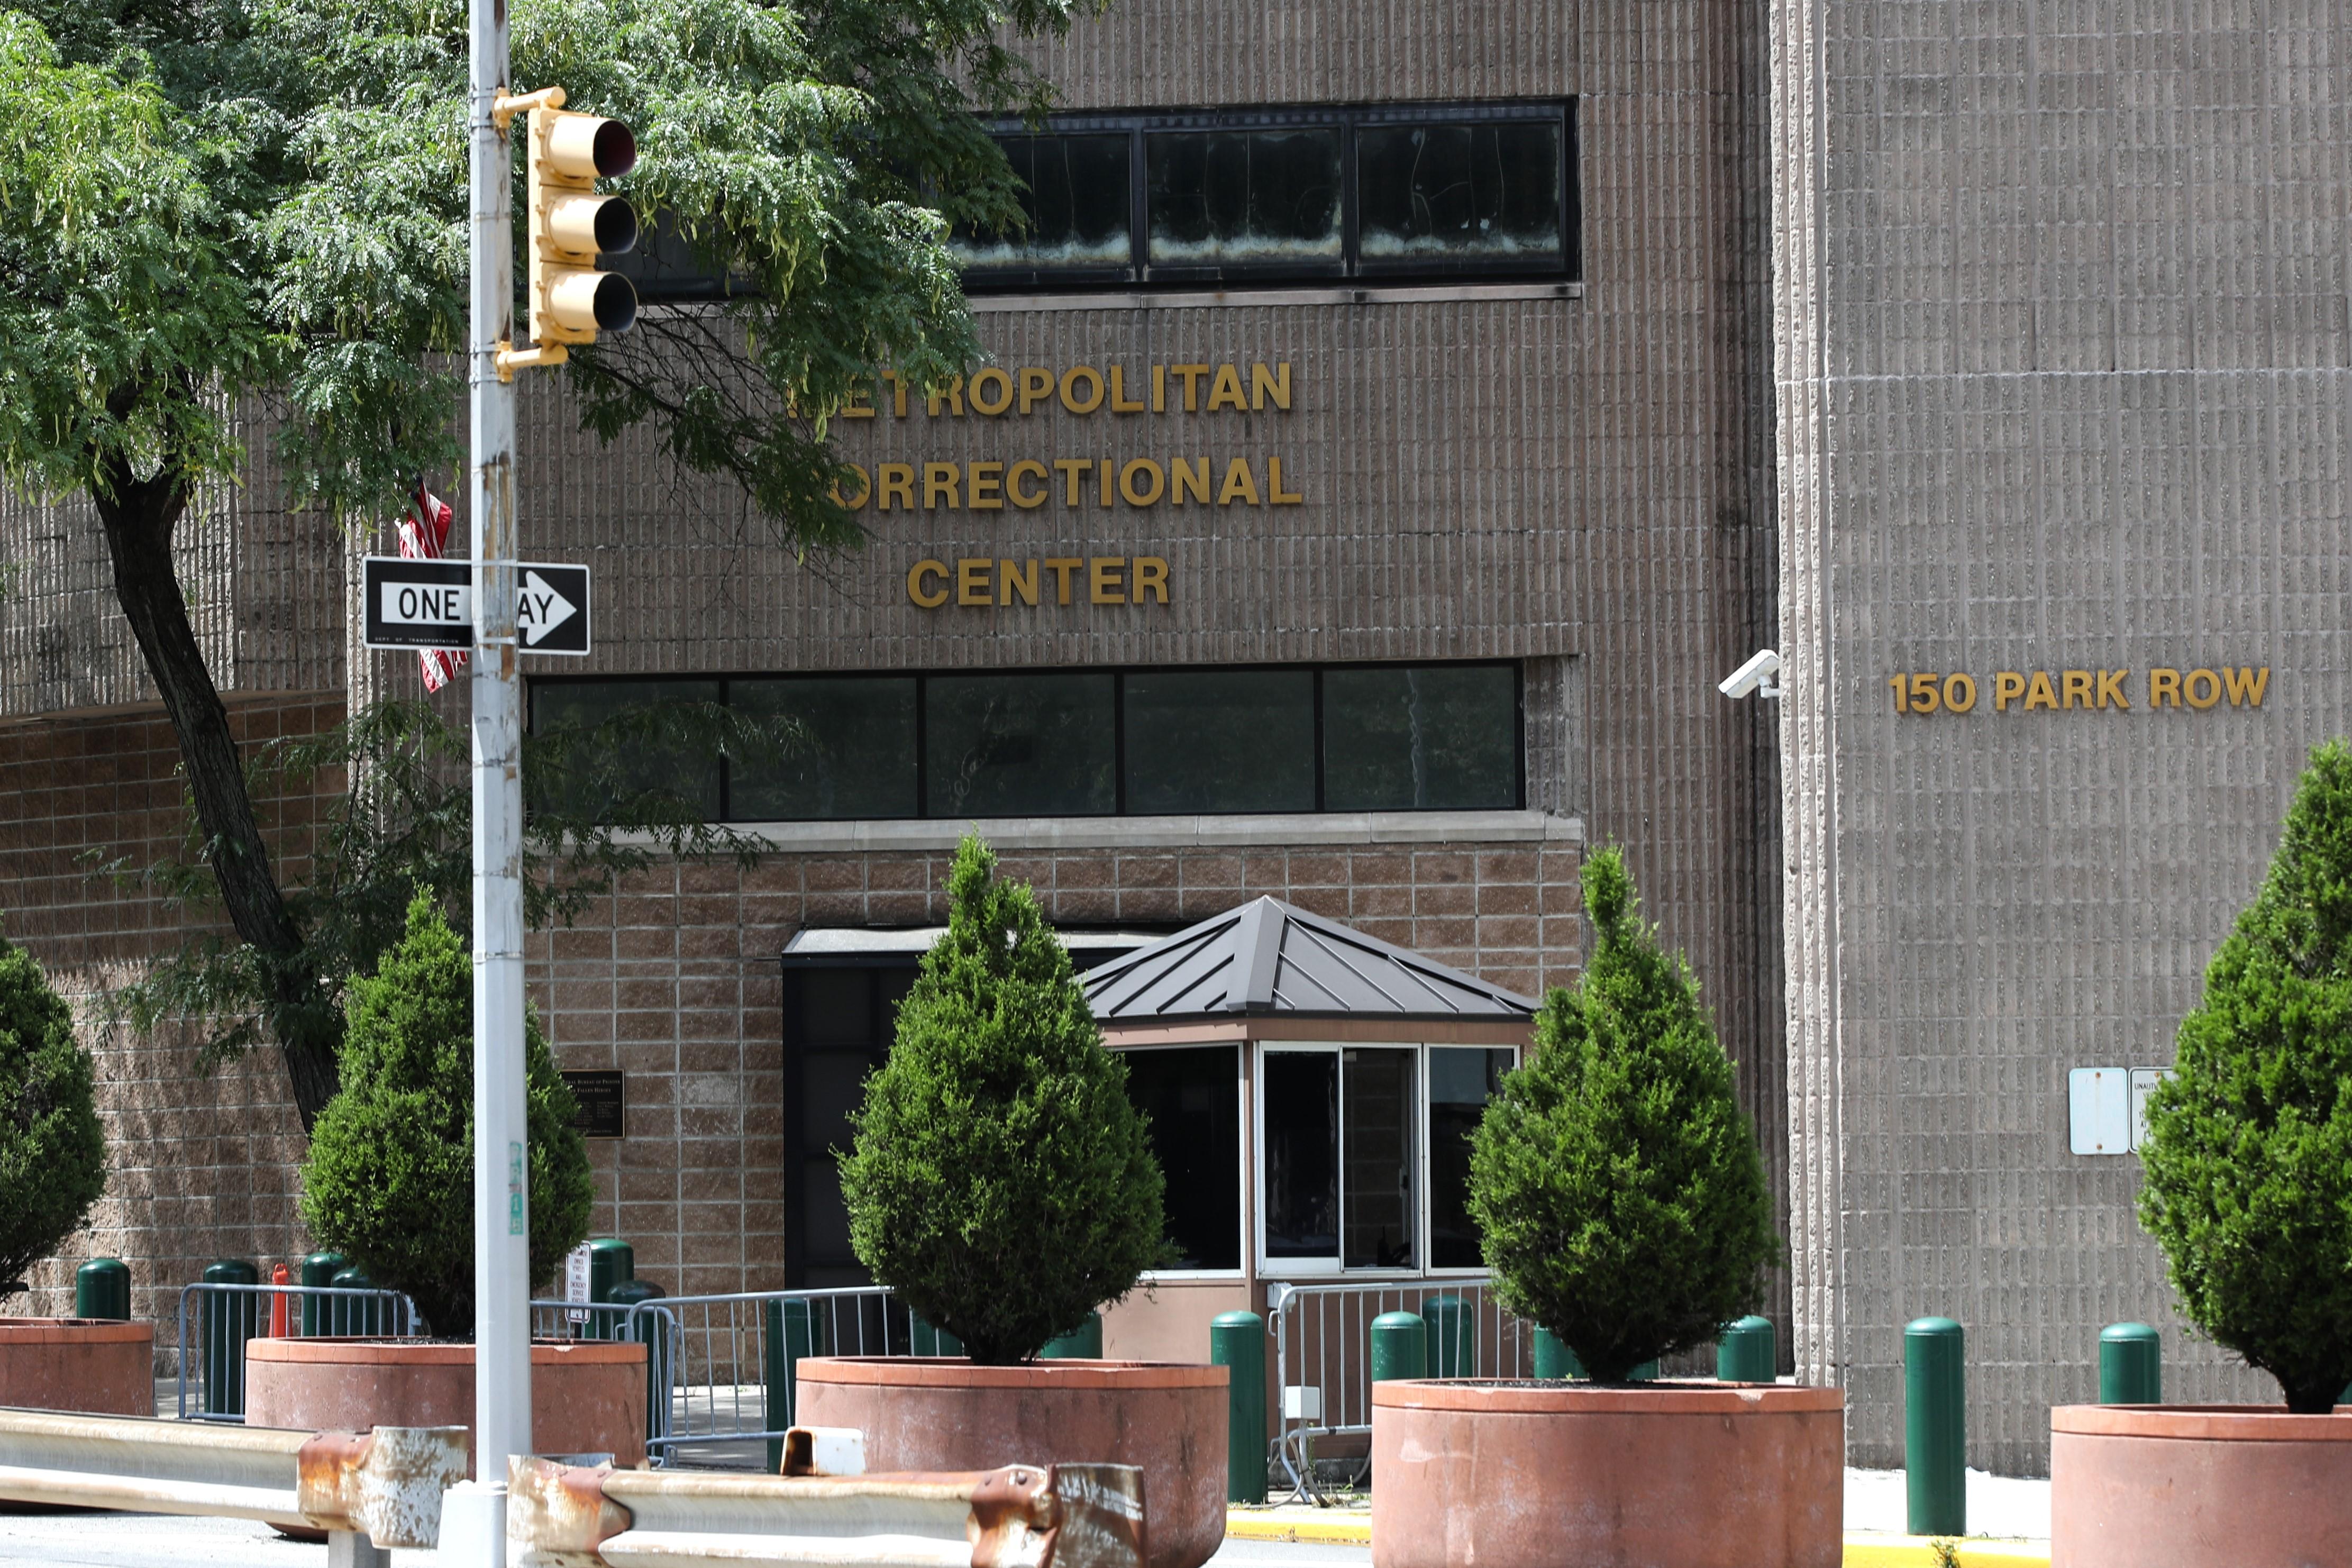 The exterior of the Metropolitan Correctional Center building in Manhattan.